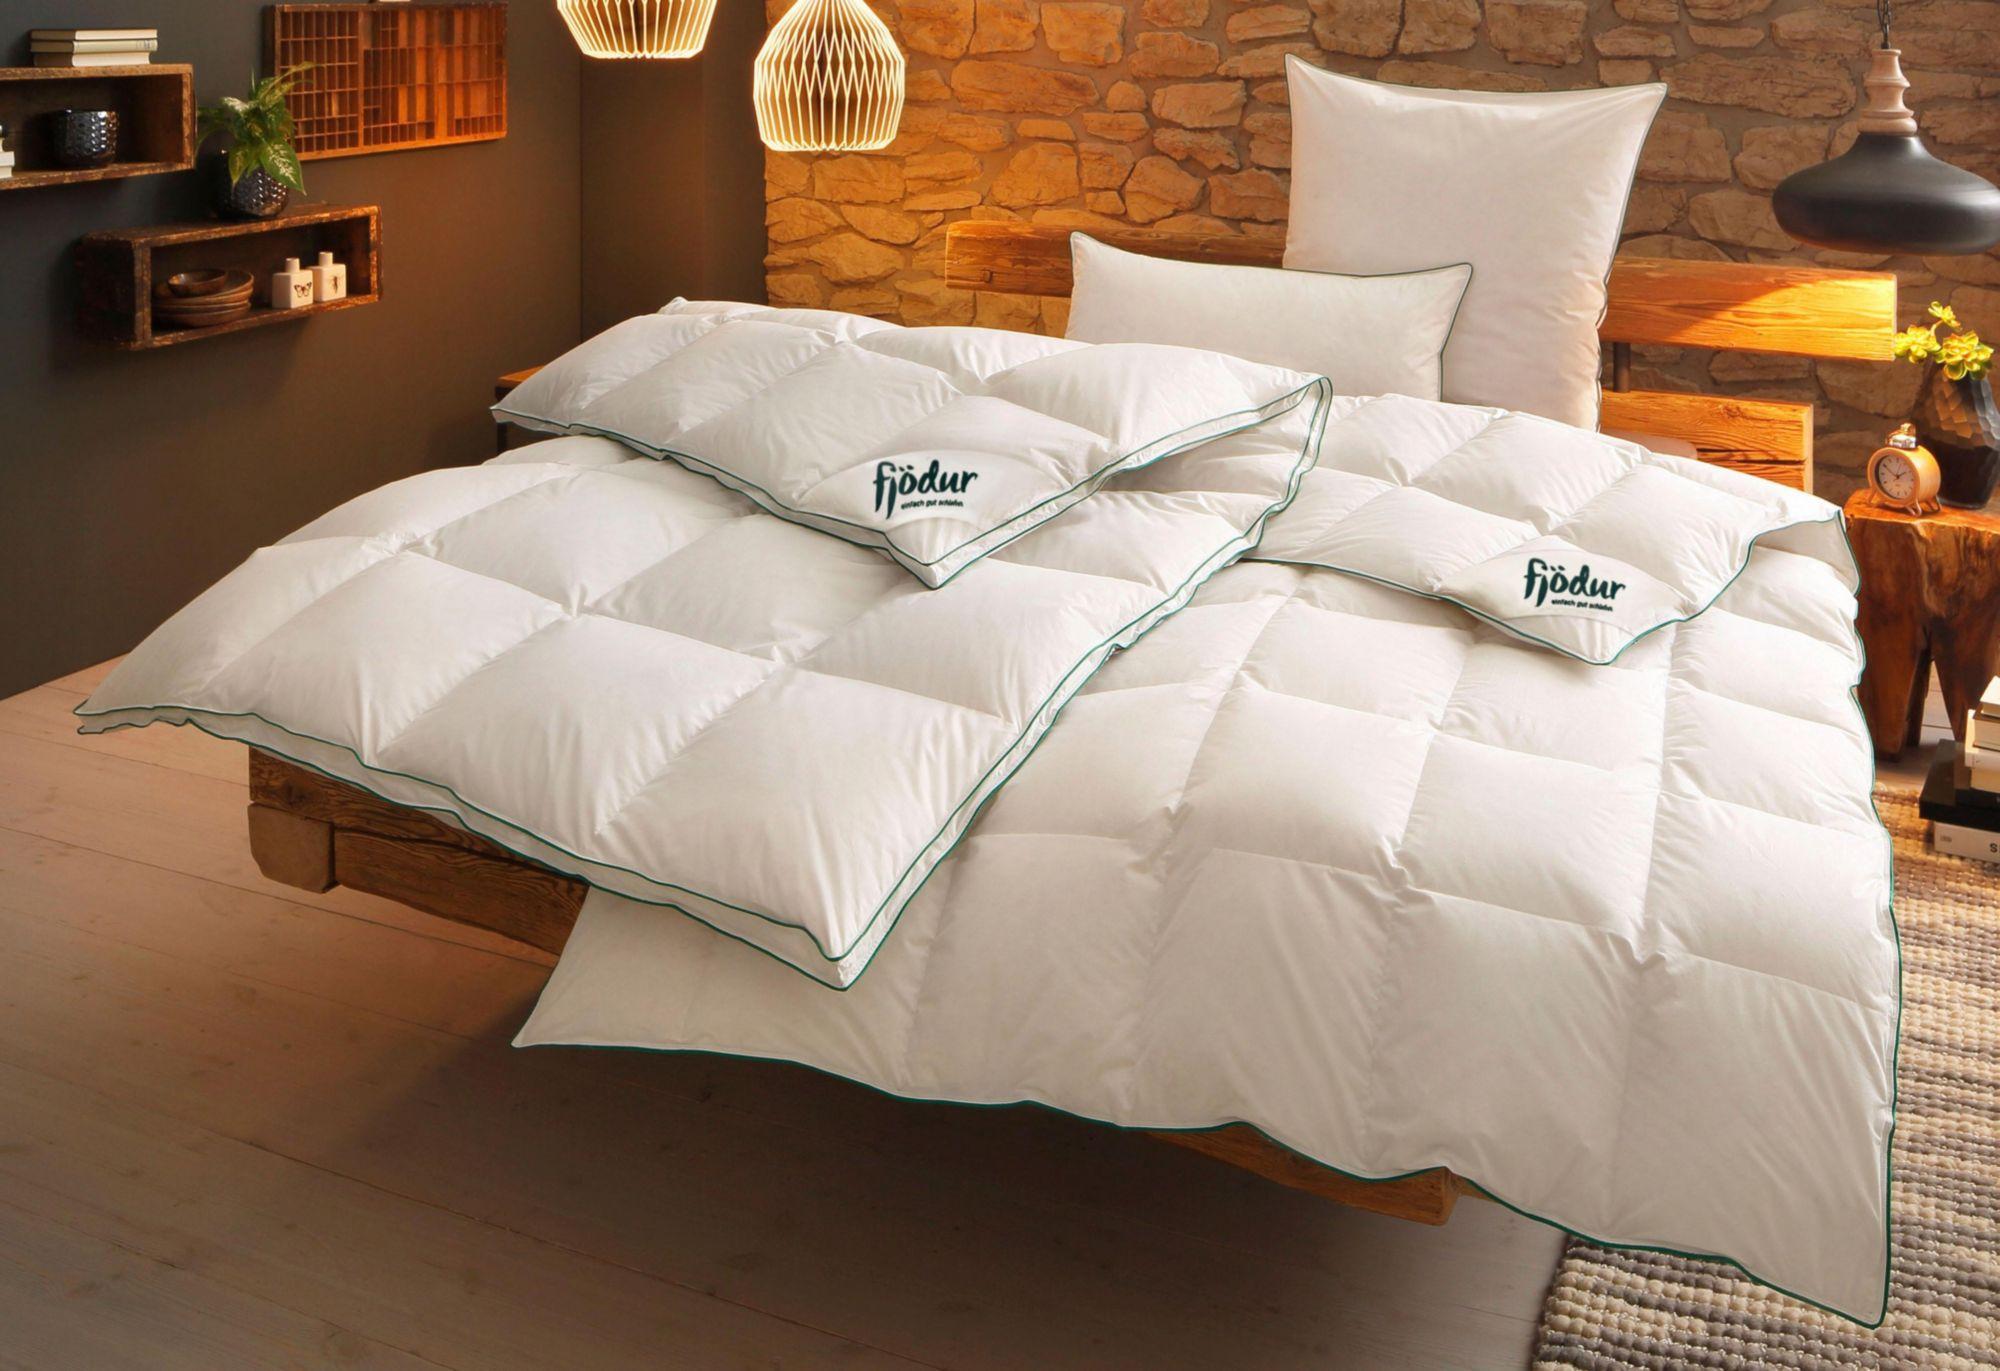 FJÖDUR Bettdeckenset, »Fee«, Fjödur, Extrawarm, 80% Daunen, 20% Federn